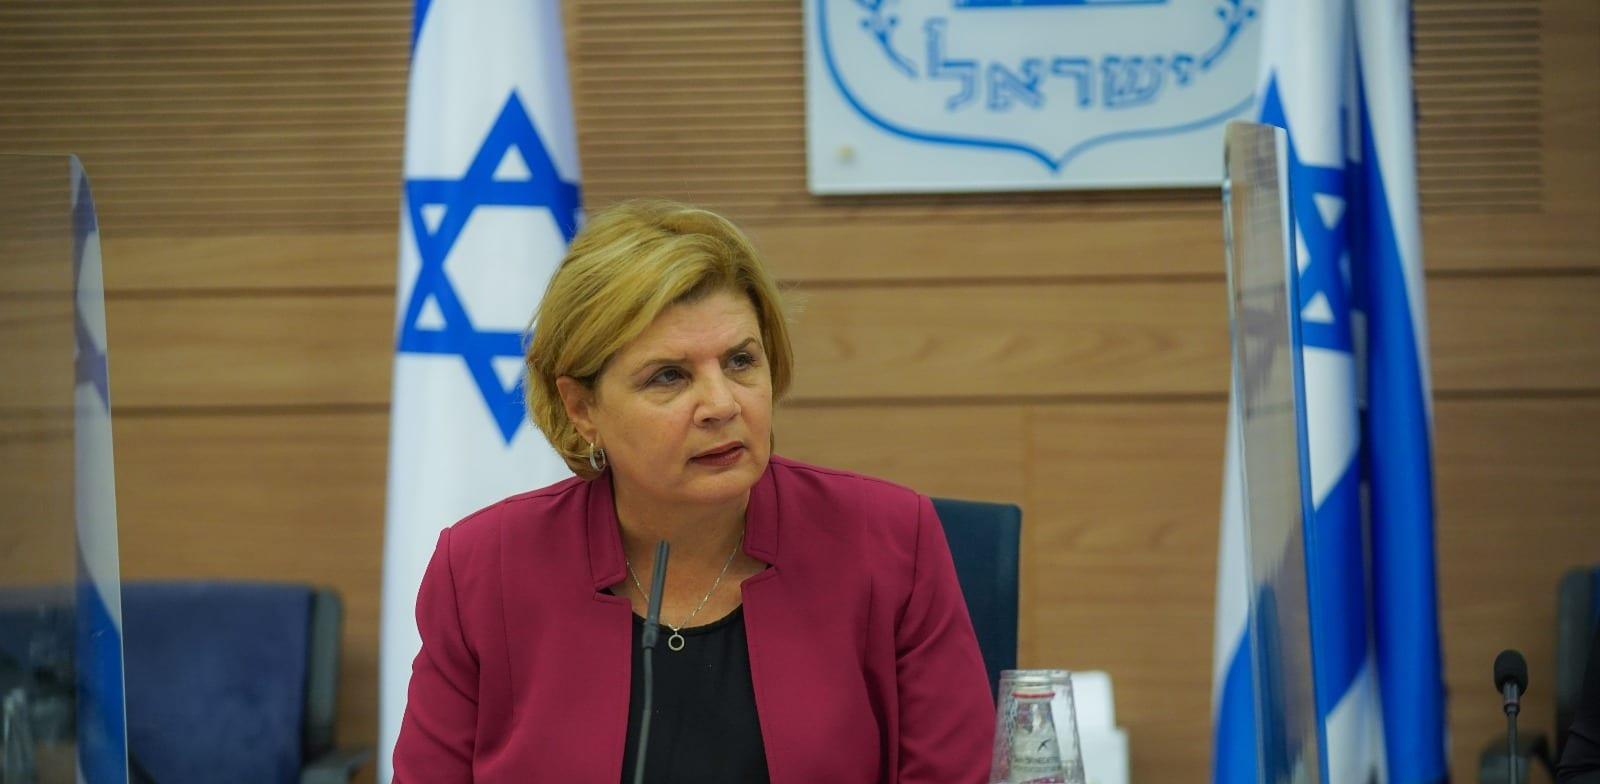 אורנה ברביבאי / צילום: דוברות הכנסת – נועם מושקוביץ